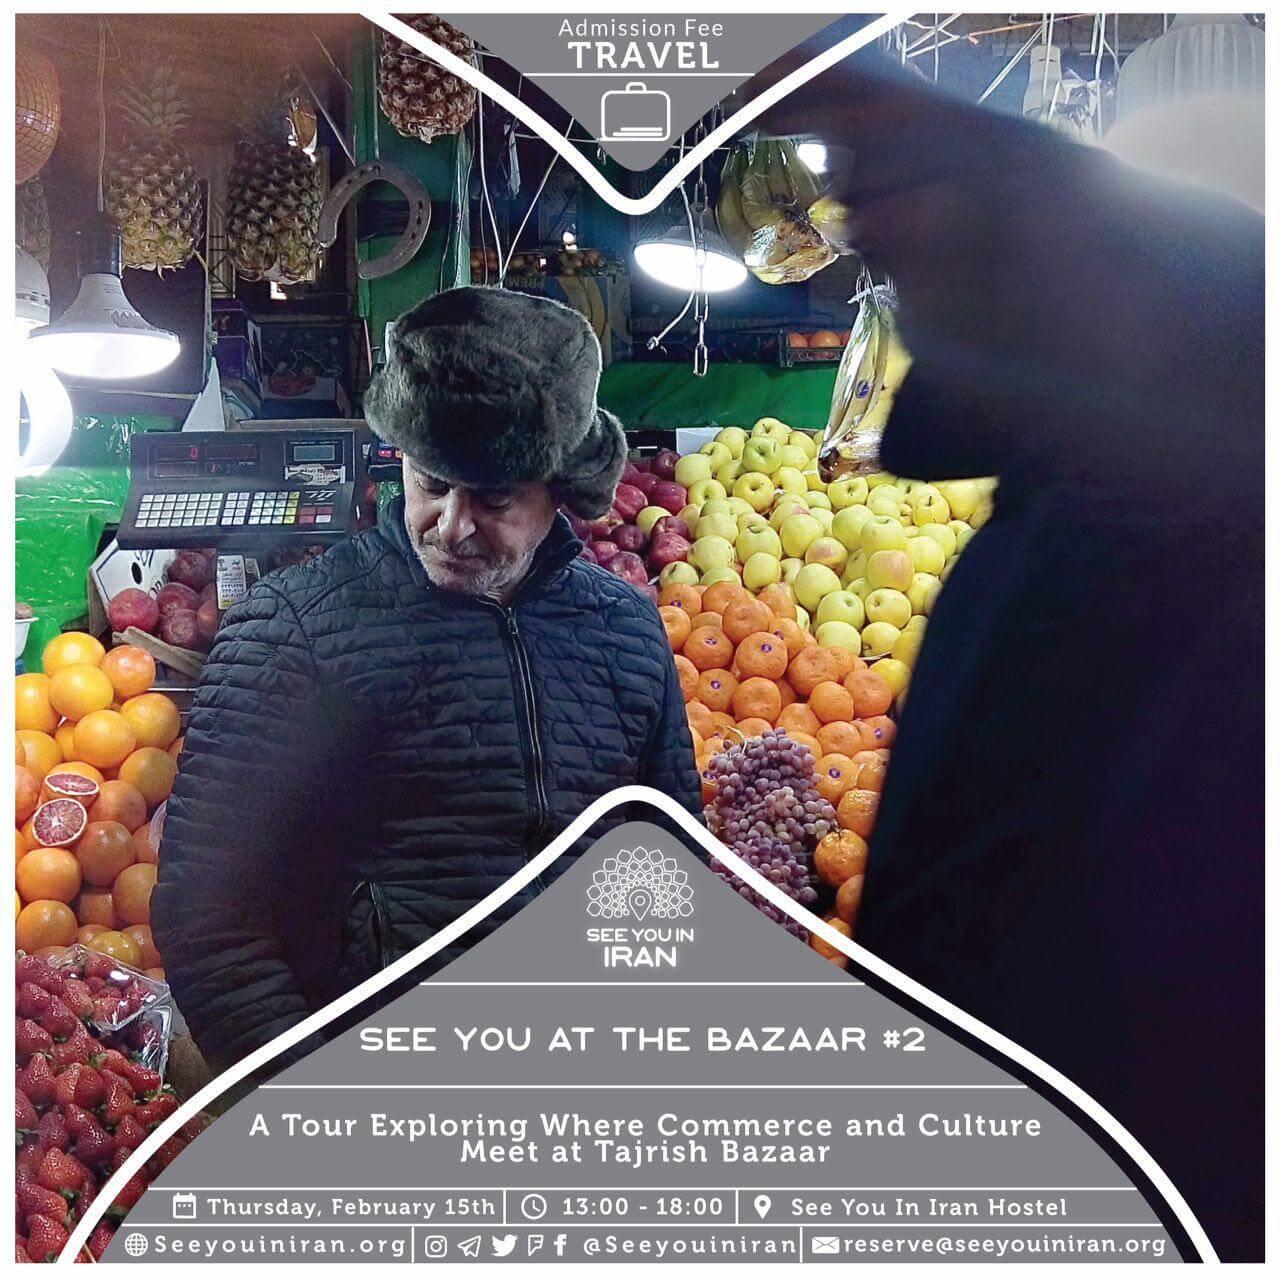 See You at Bazaar #2: Tajrish Bazaar (Tehran)